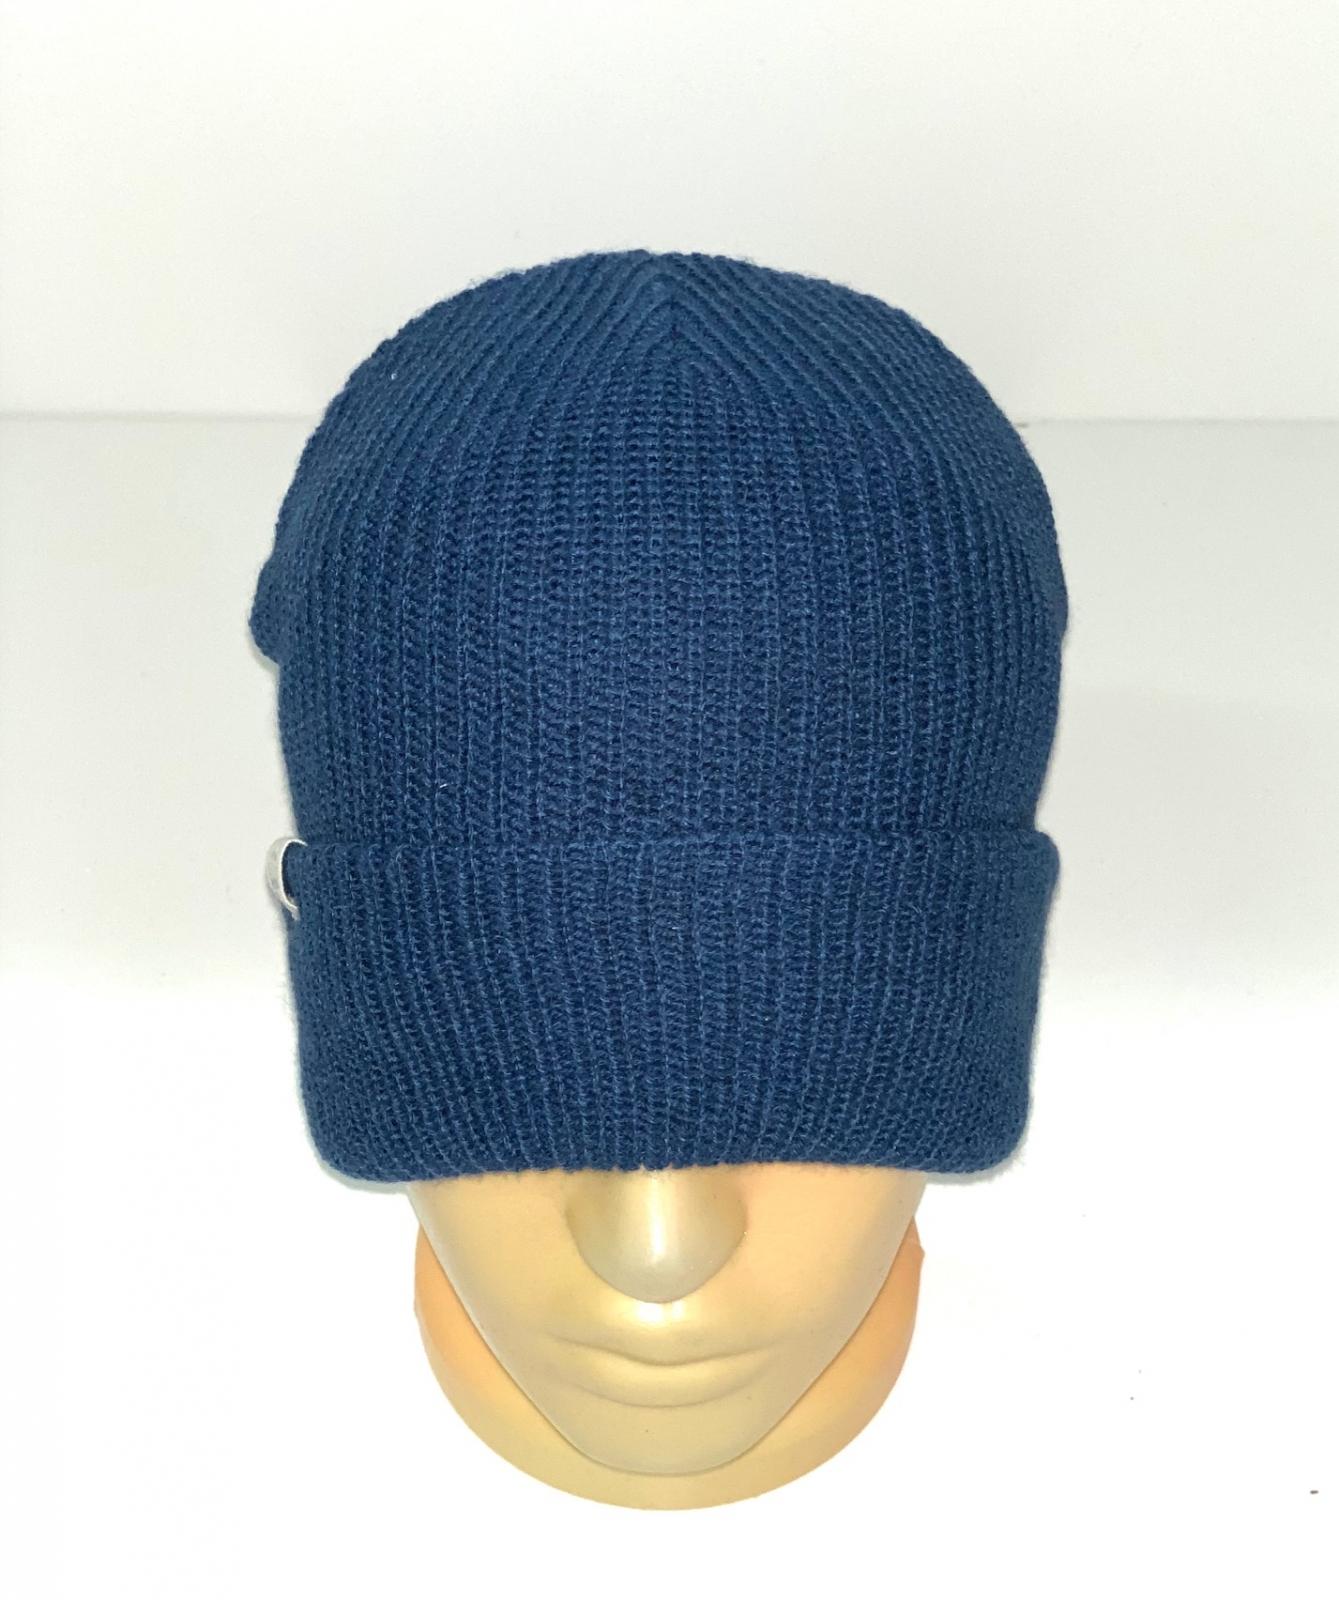 Привлекательная шапка синего цвета